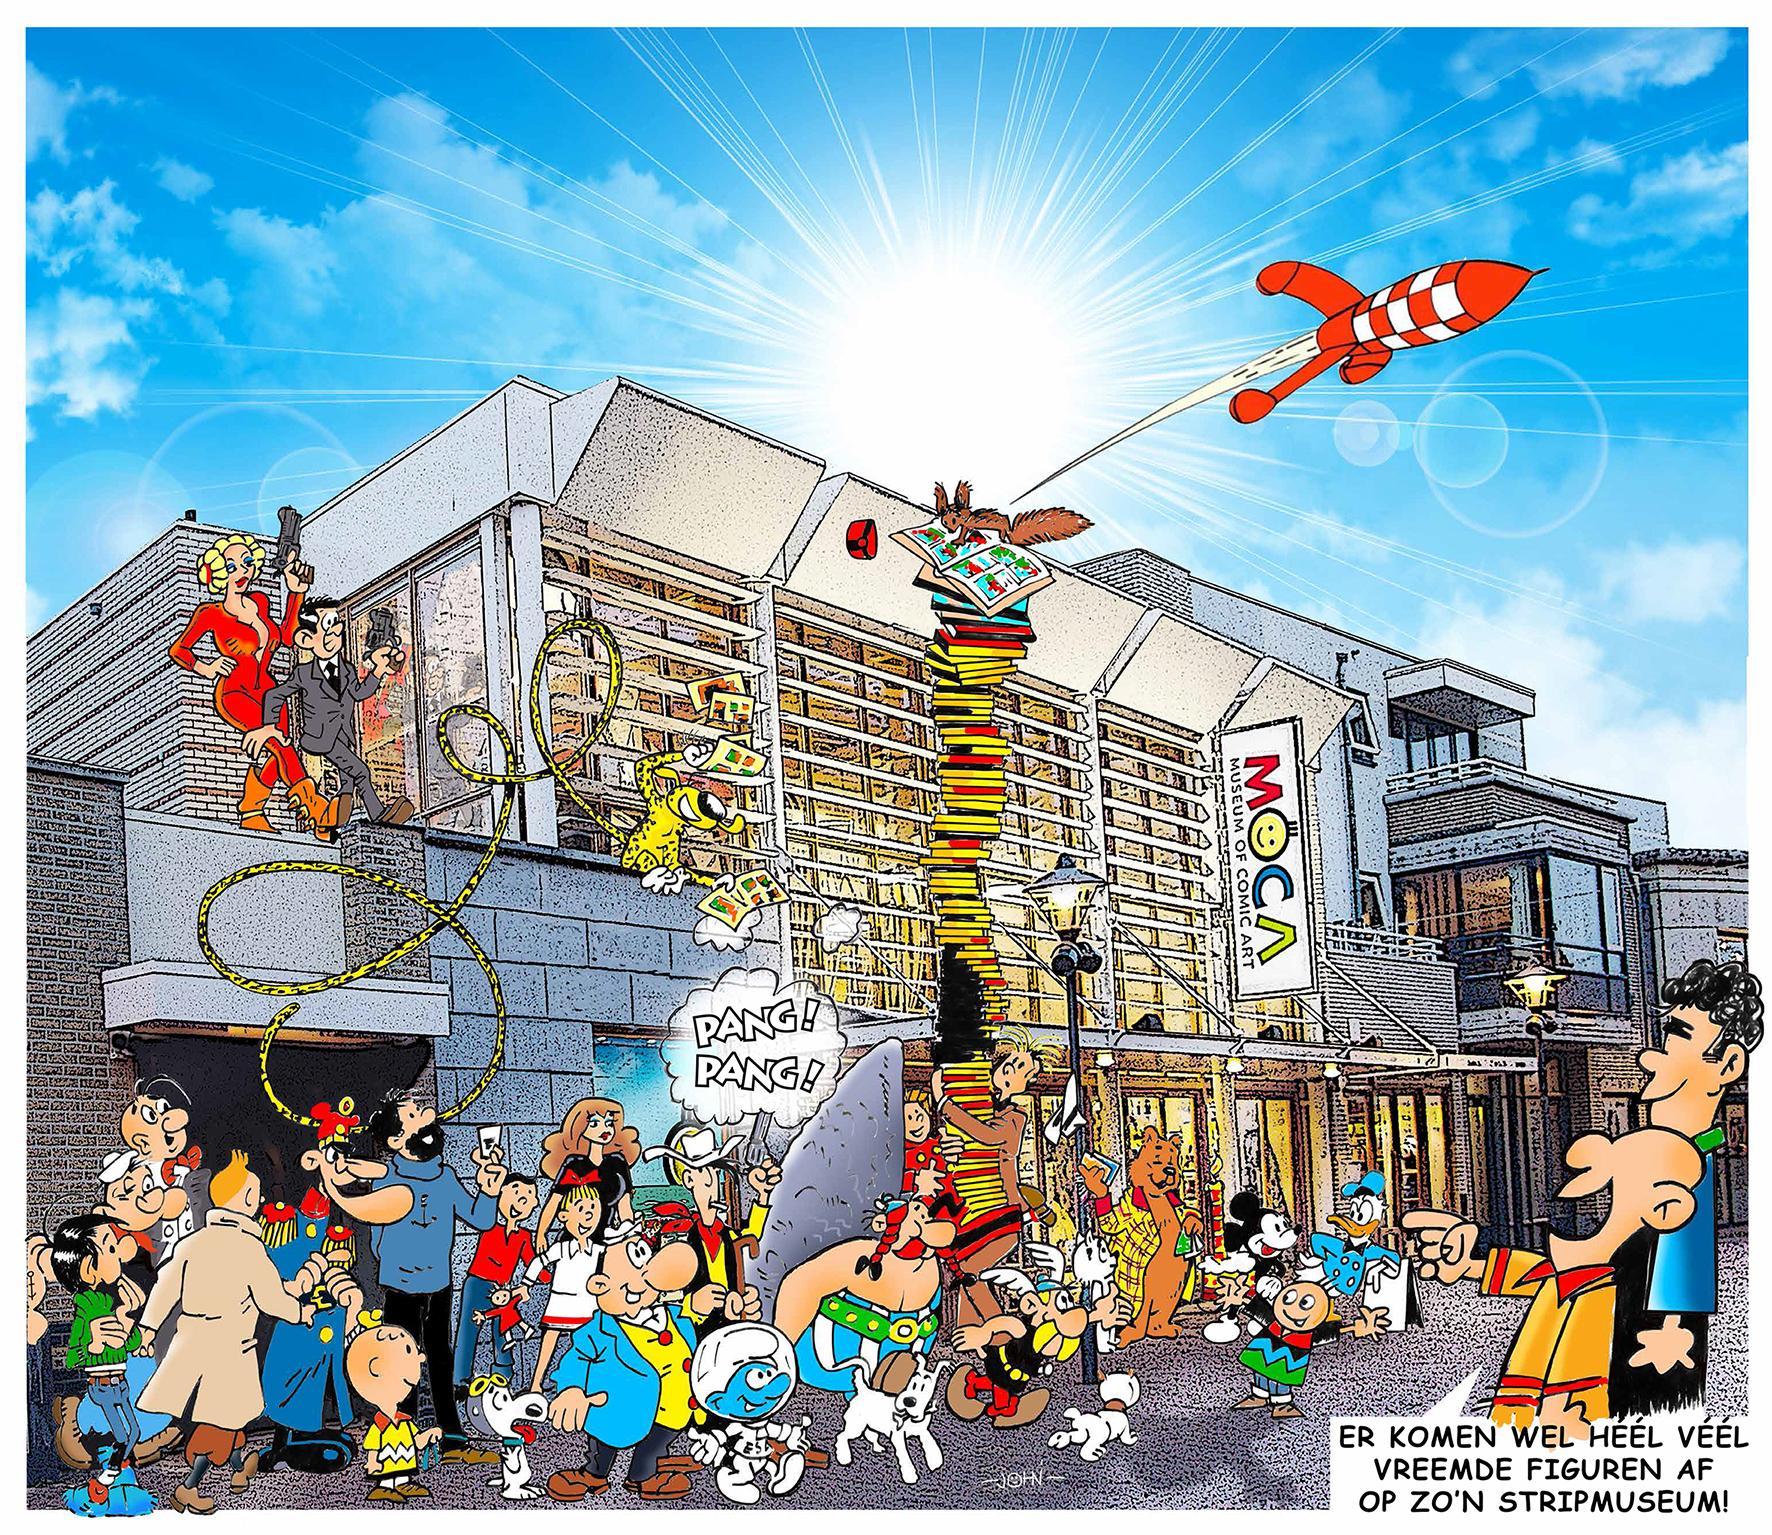 Stripmuseum in Noordwijk opent in 2021: 'Voor toeristen, maar ook voor echte stripliefhebbers'